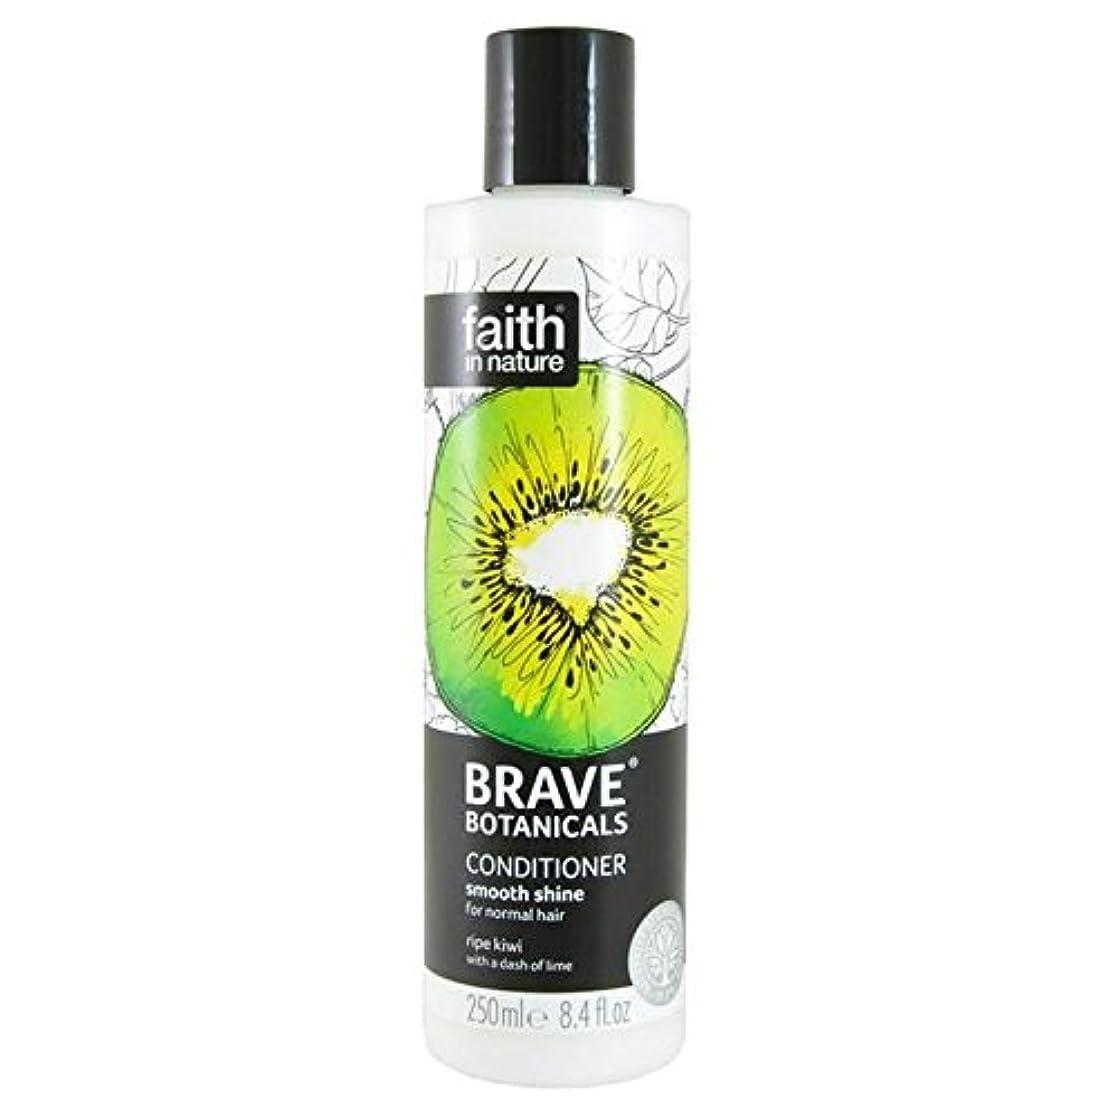 ゴージャスボーダー個人的にBrave Botanicals Kiwi & Lime Smooth Shine Conditioner 250ml (Pack of 6) - (Faith In Nature) 勇敢な植物キウイ&ライムなめらかな輝...